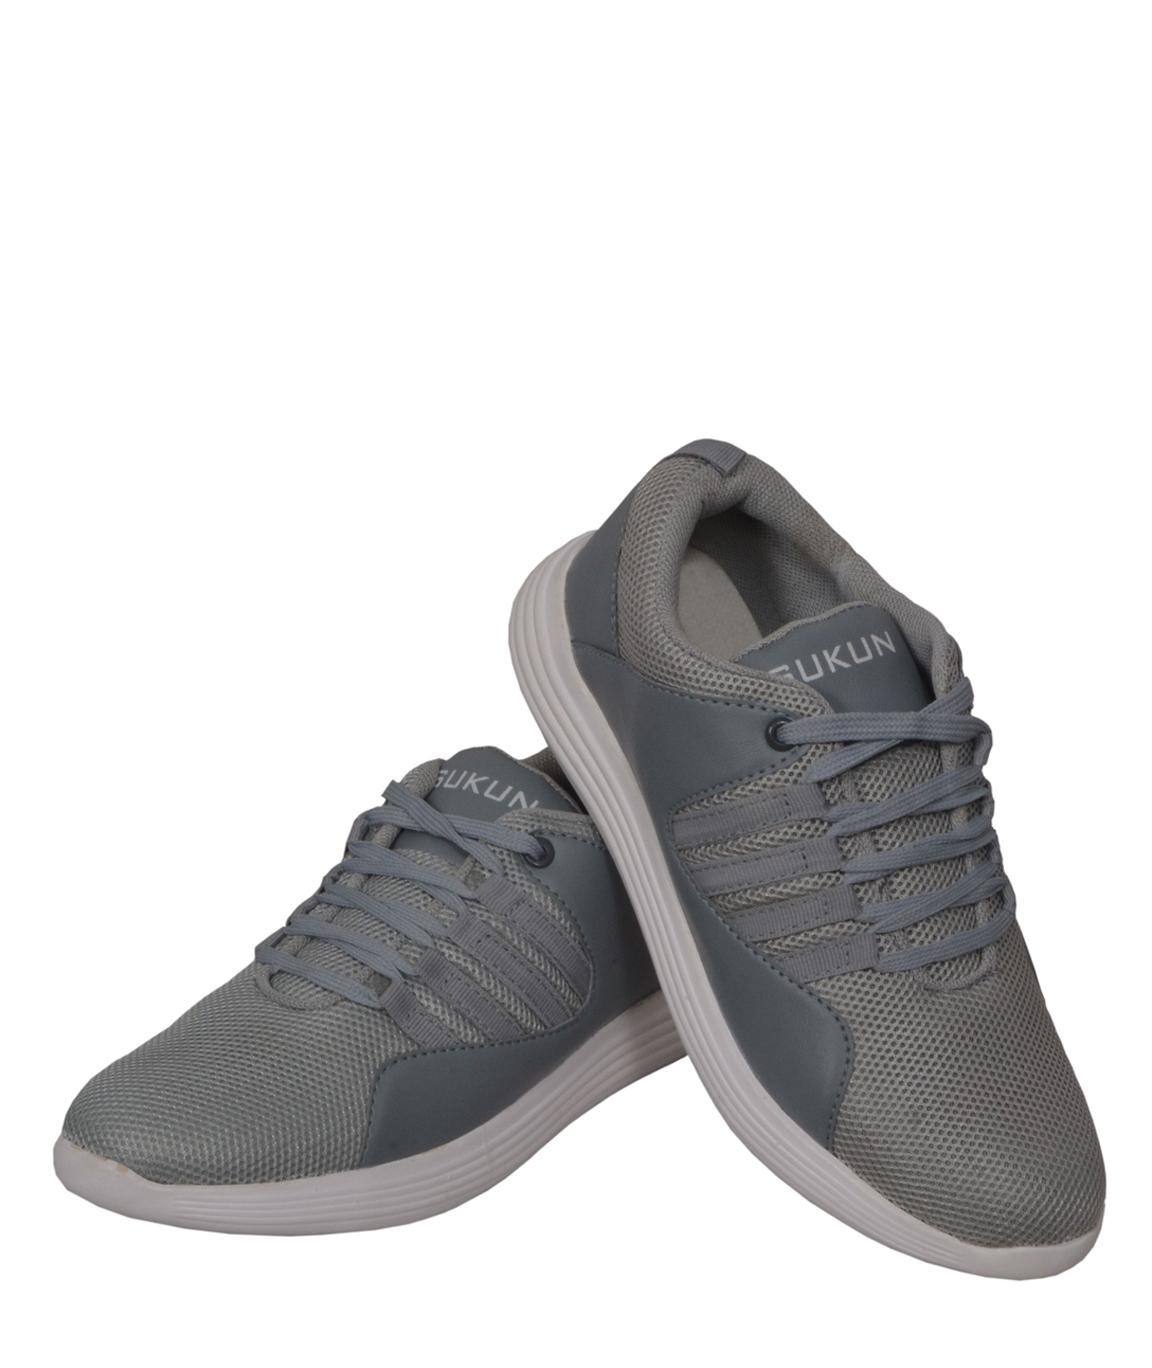 Sukun Grey Sport Shoes